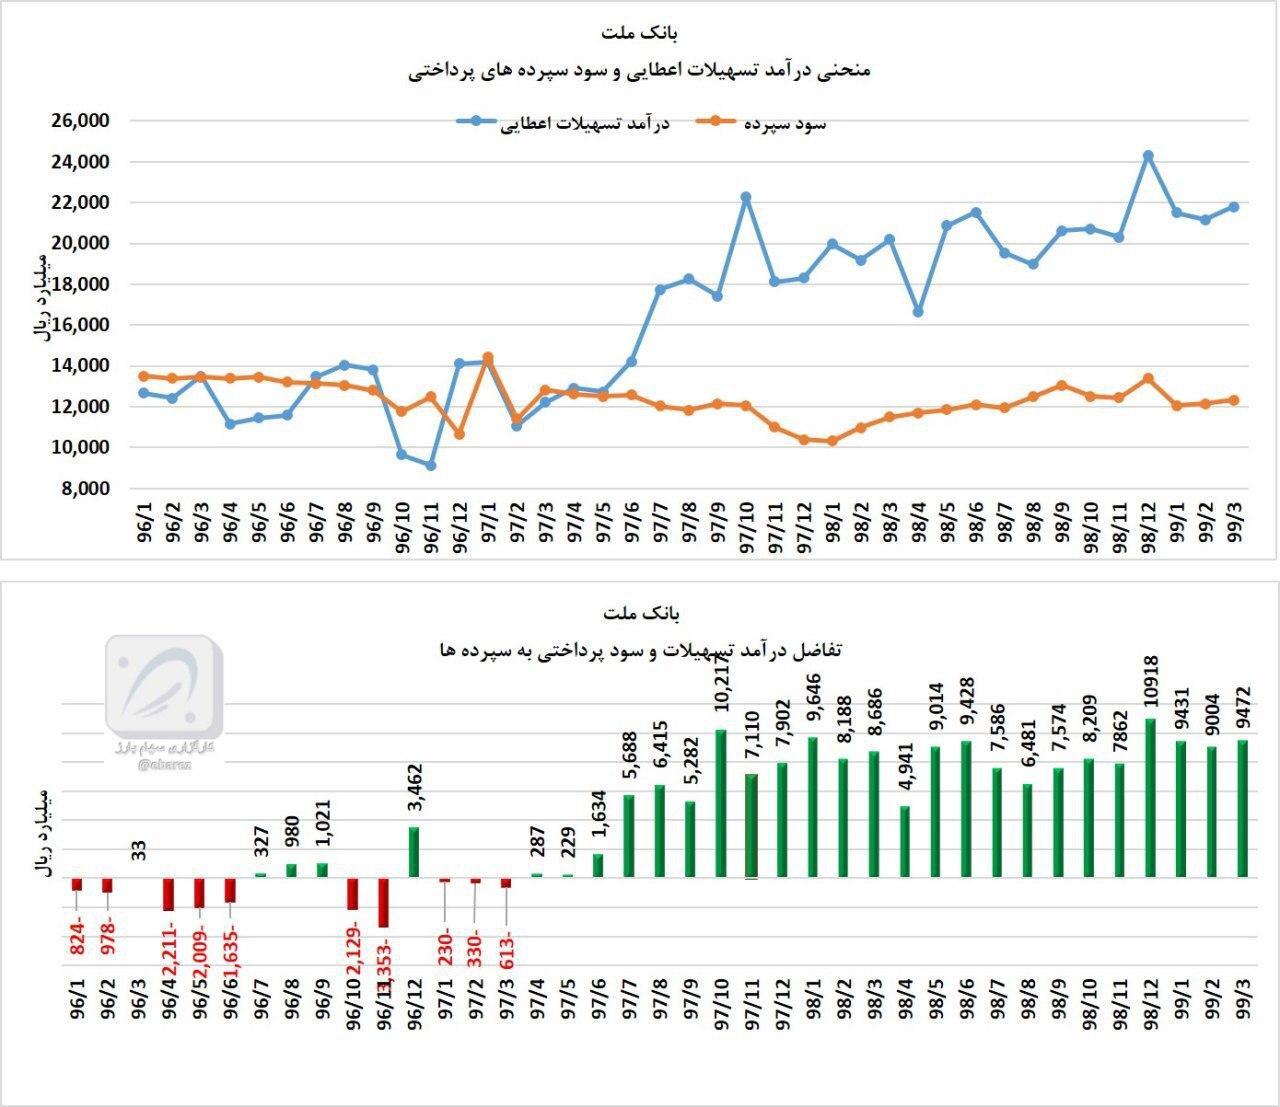 آمارها و نمودارهای سهام وبملت